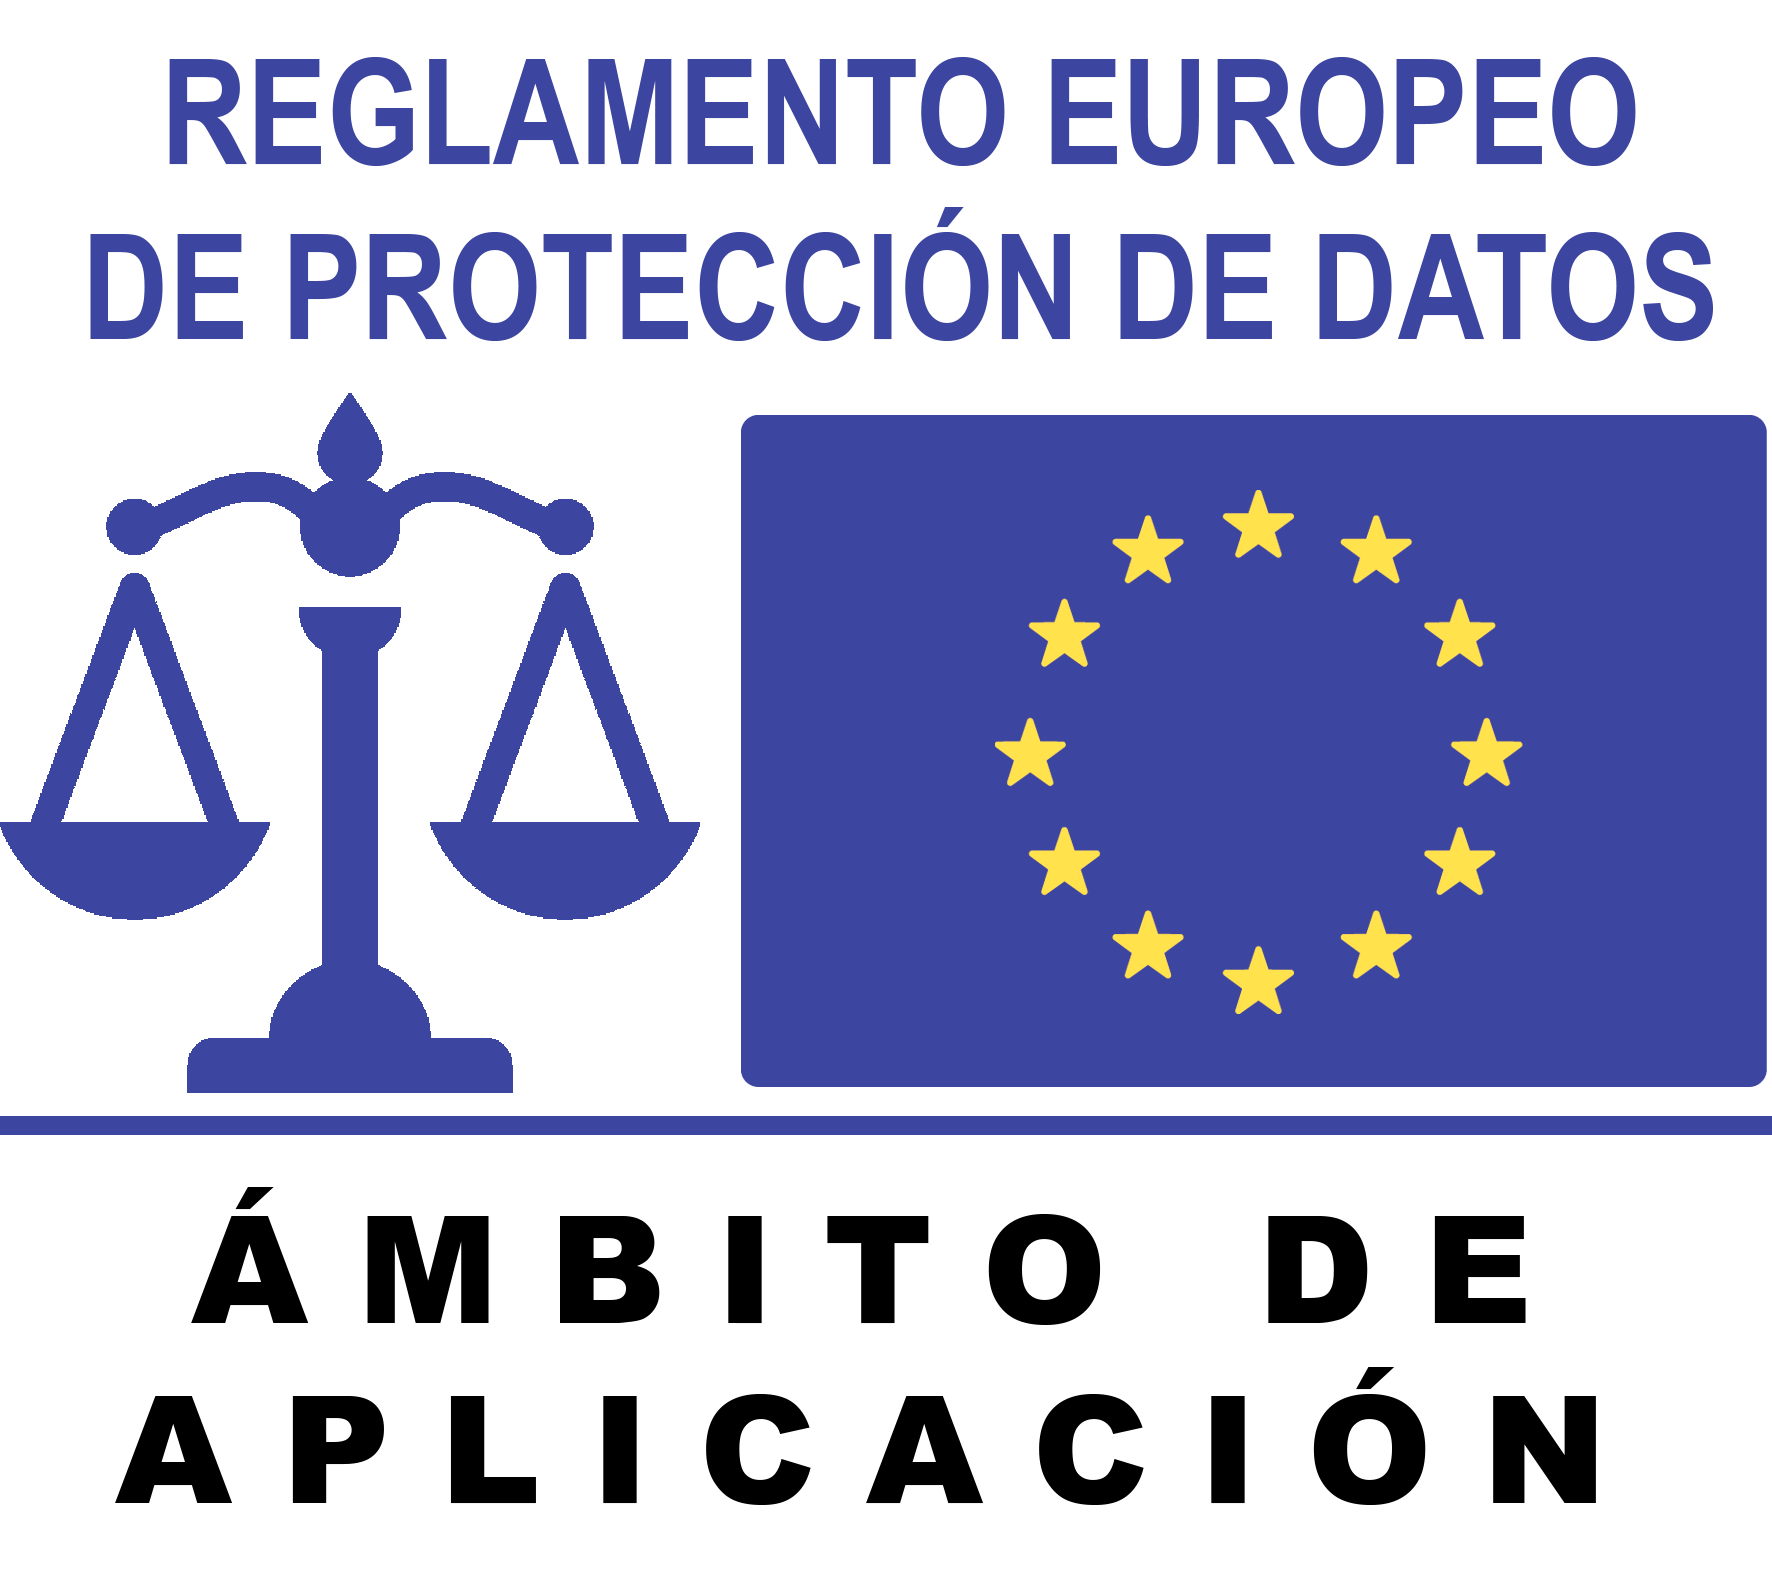 Reglamento Europeo de protección de datos. Ámbito de aplicación